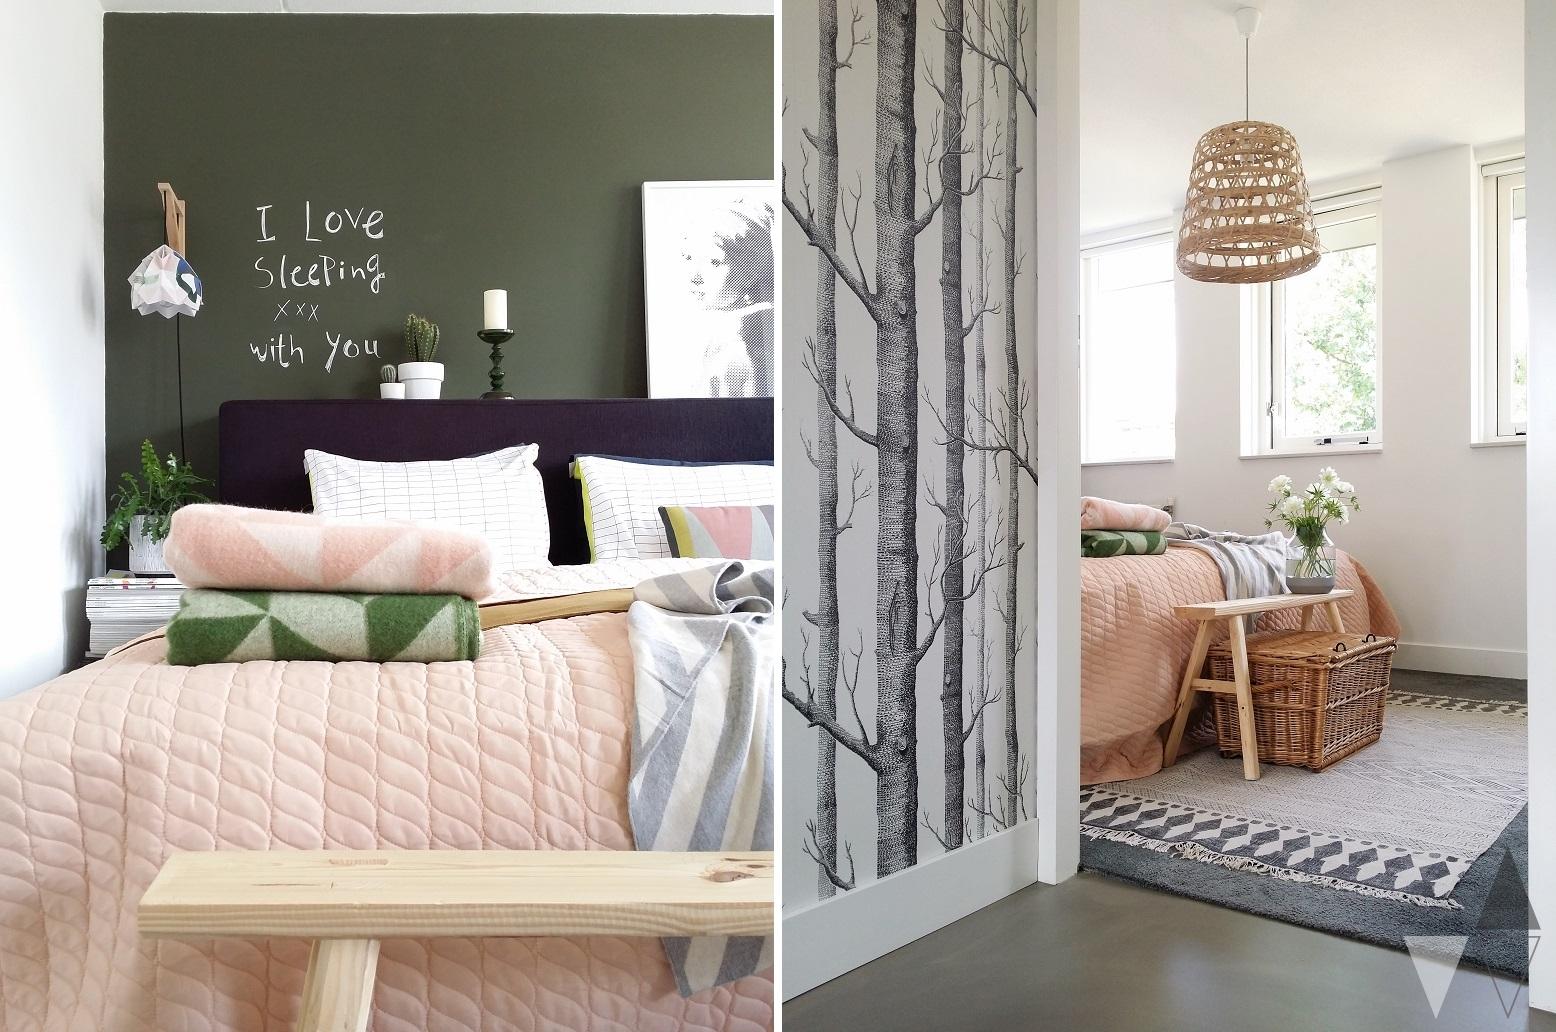 Fotos Slaapkamer Restylen : Stylingtip slaapkamer lisanne van de klift